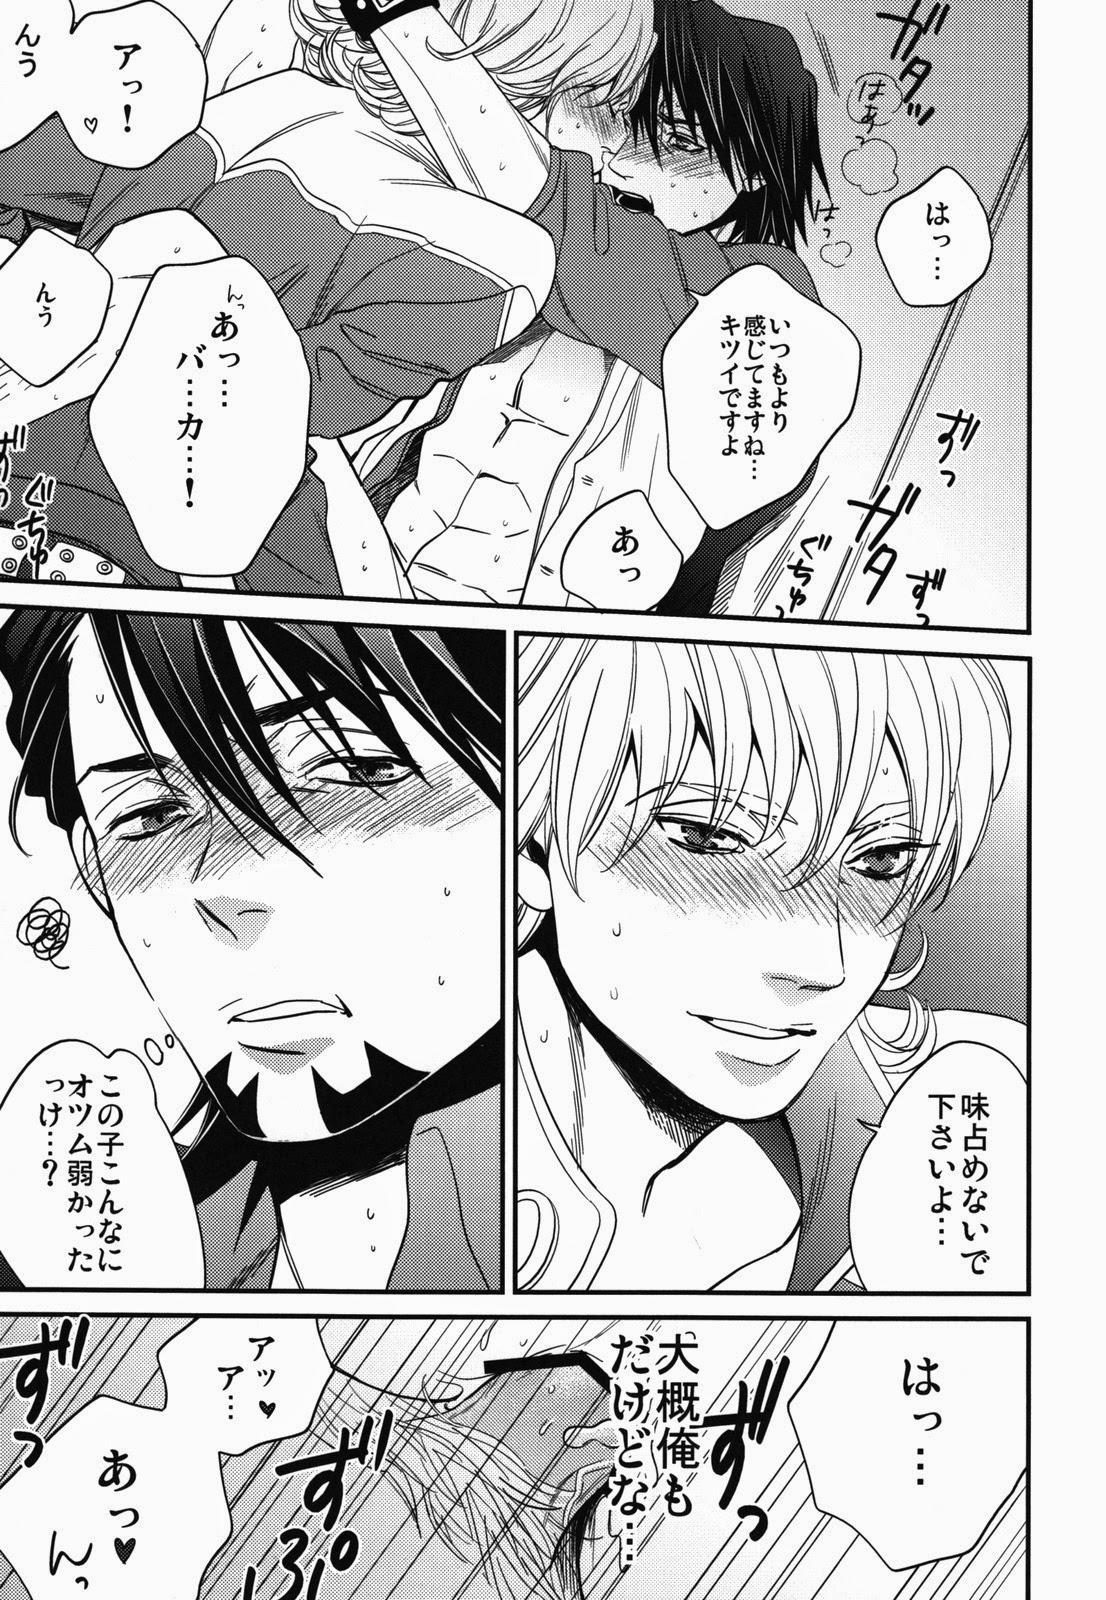 Hamidashi Justice no Koe ga Kikoeru Plus 15